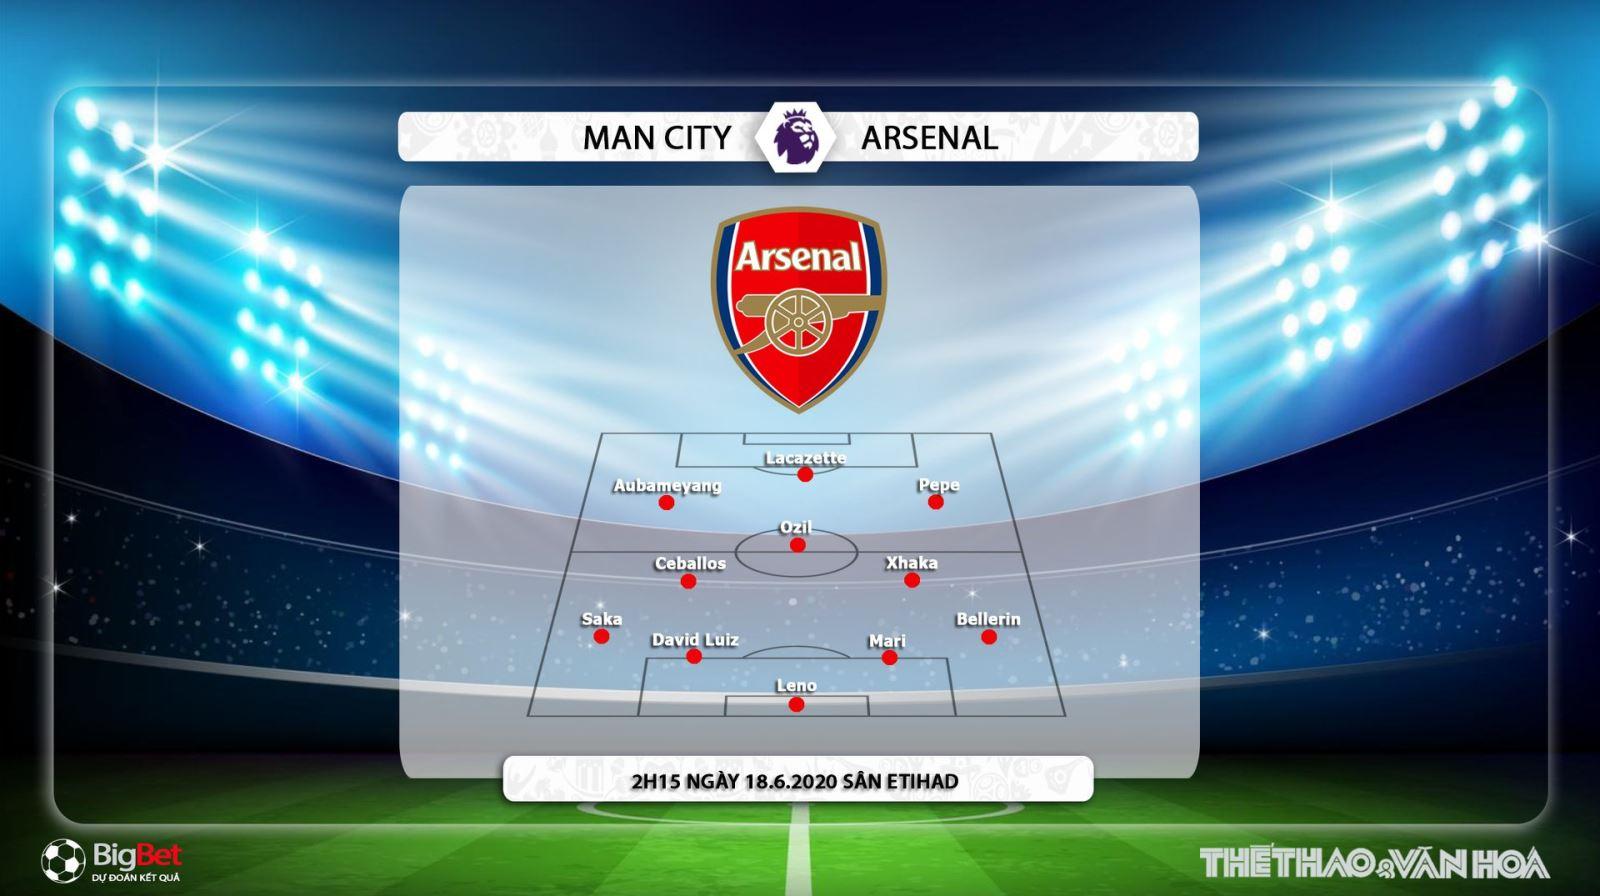 Man City vs Arsenal, Man City, Arsenal, soi kèo, kèo bóng đá, nhận định, trực tiếp bóng đá, bong da, lịch thi đấu